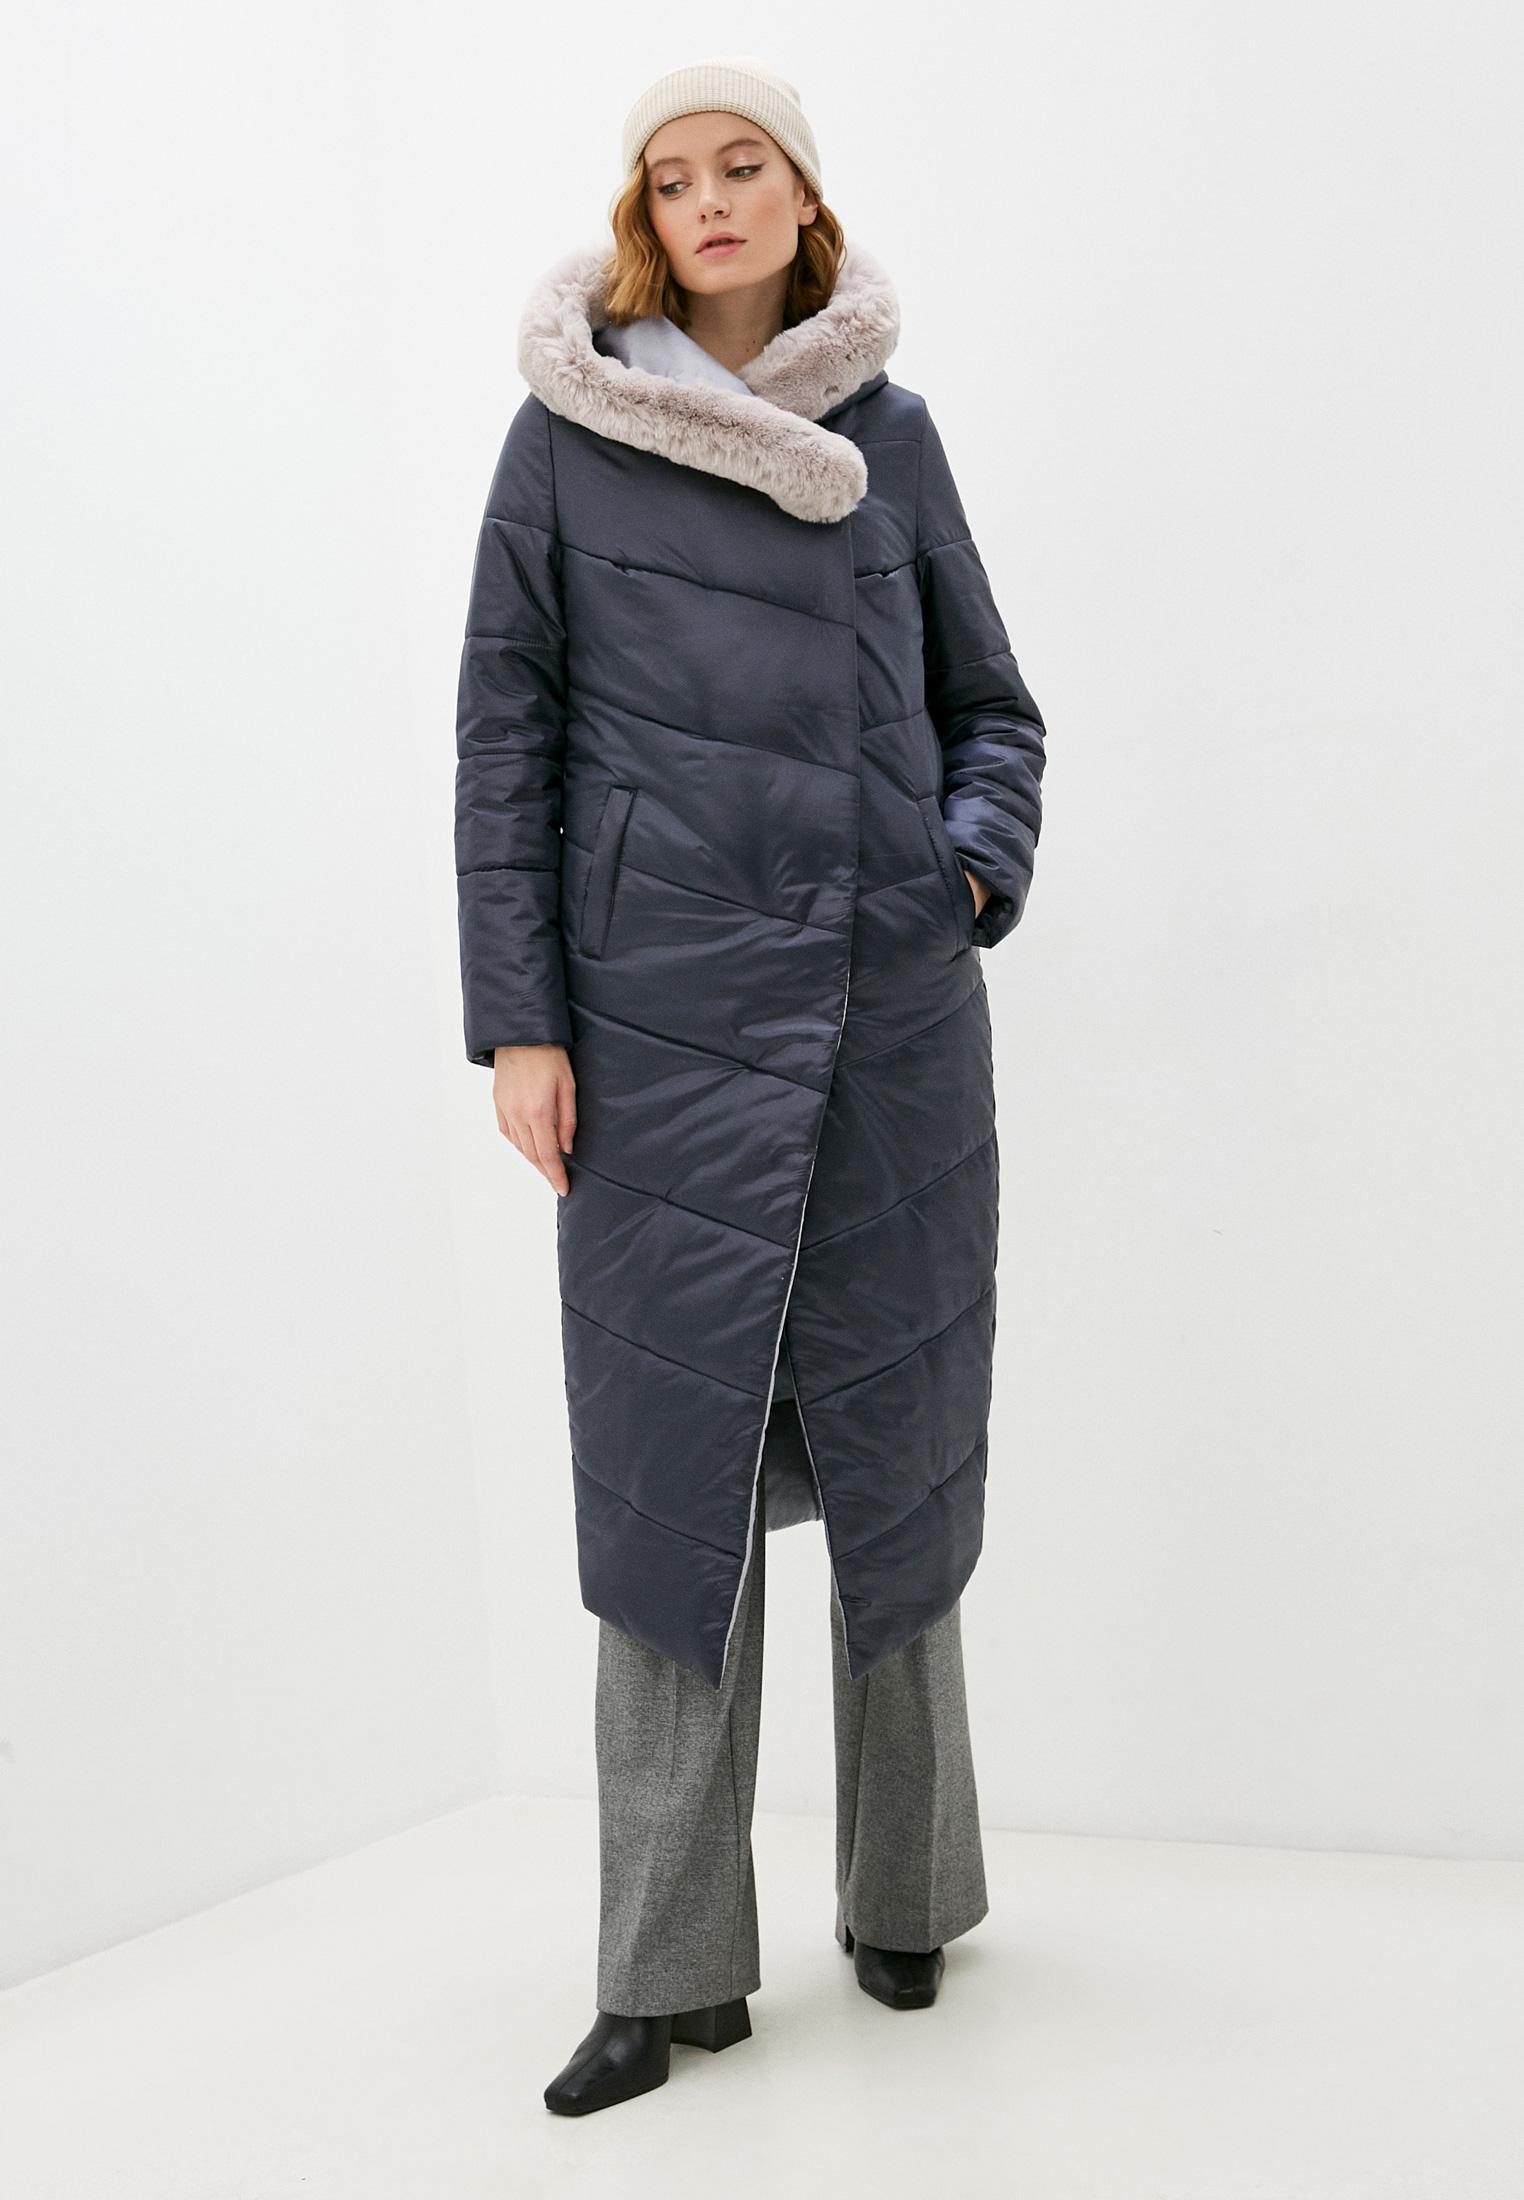 Утепленная куртка Nataliy Beate Пальто мод 150